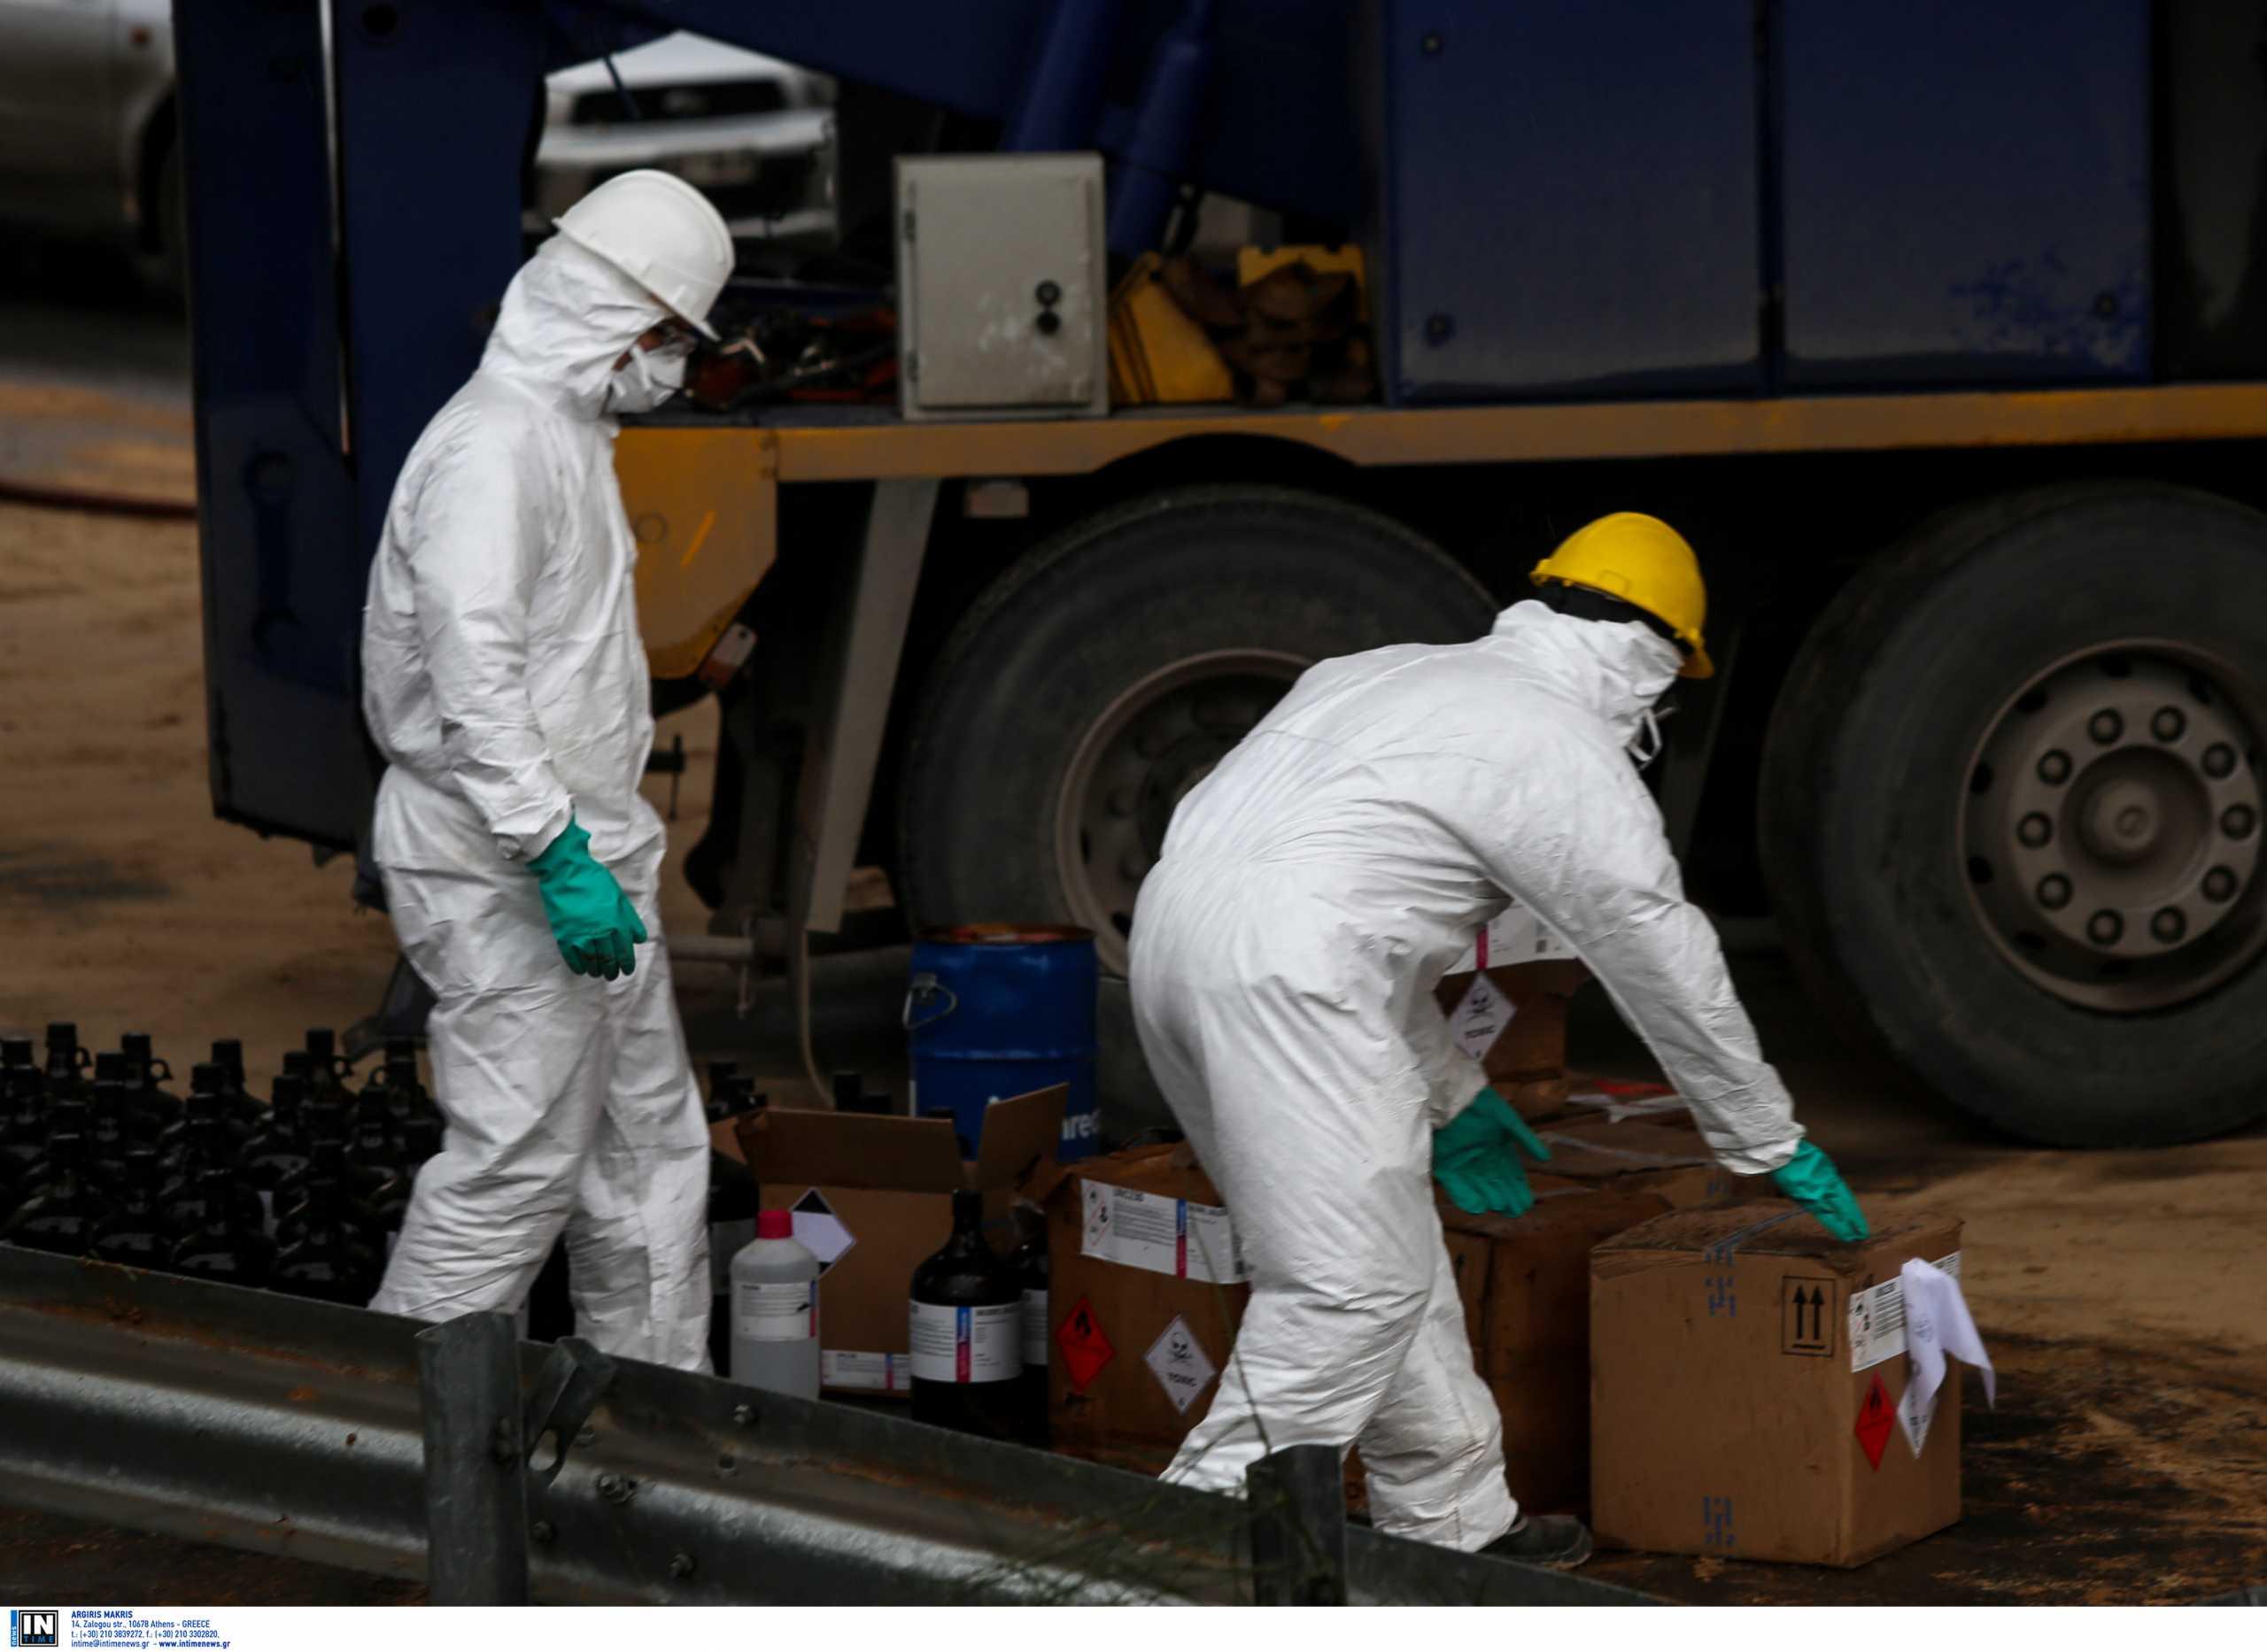 Ισπανία: Μετανάστης βρέθηκε ζωντανός μέσα σε σάκο με τοξικά απόβλητα